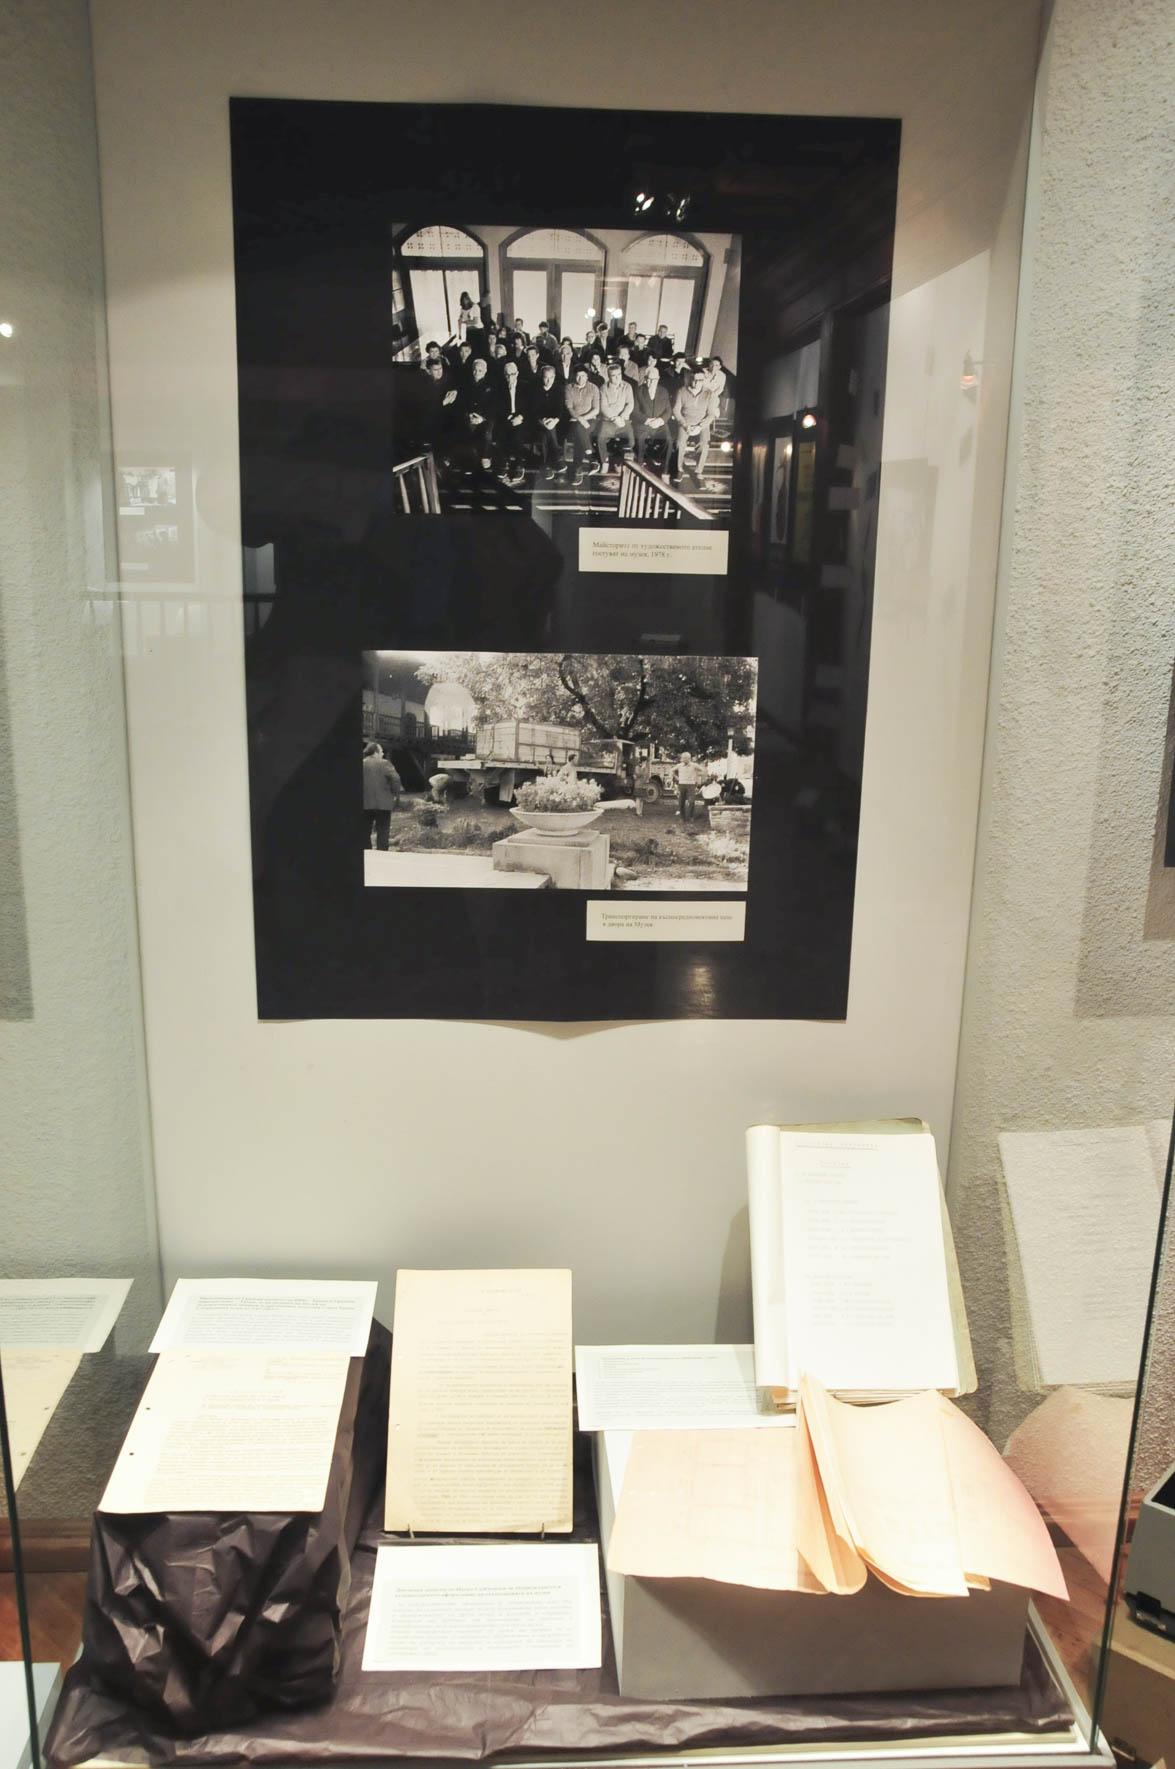 troyan-museum-razkaz-dokumenti-31